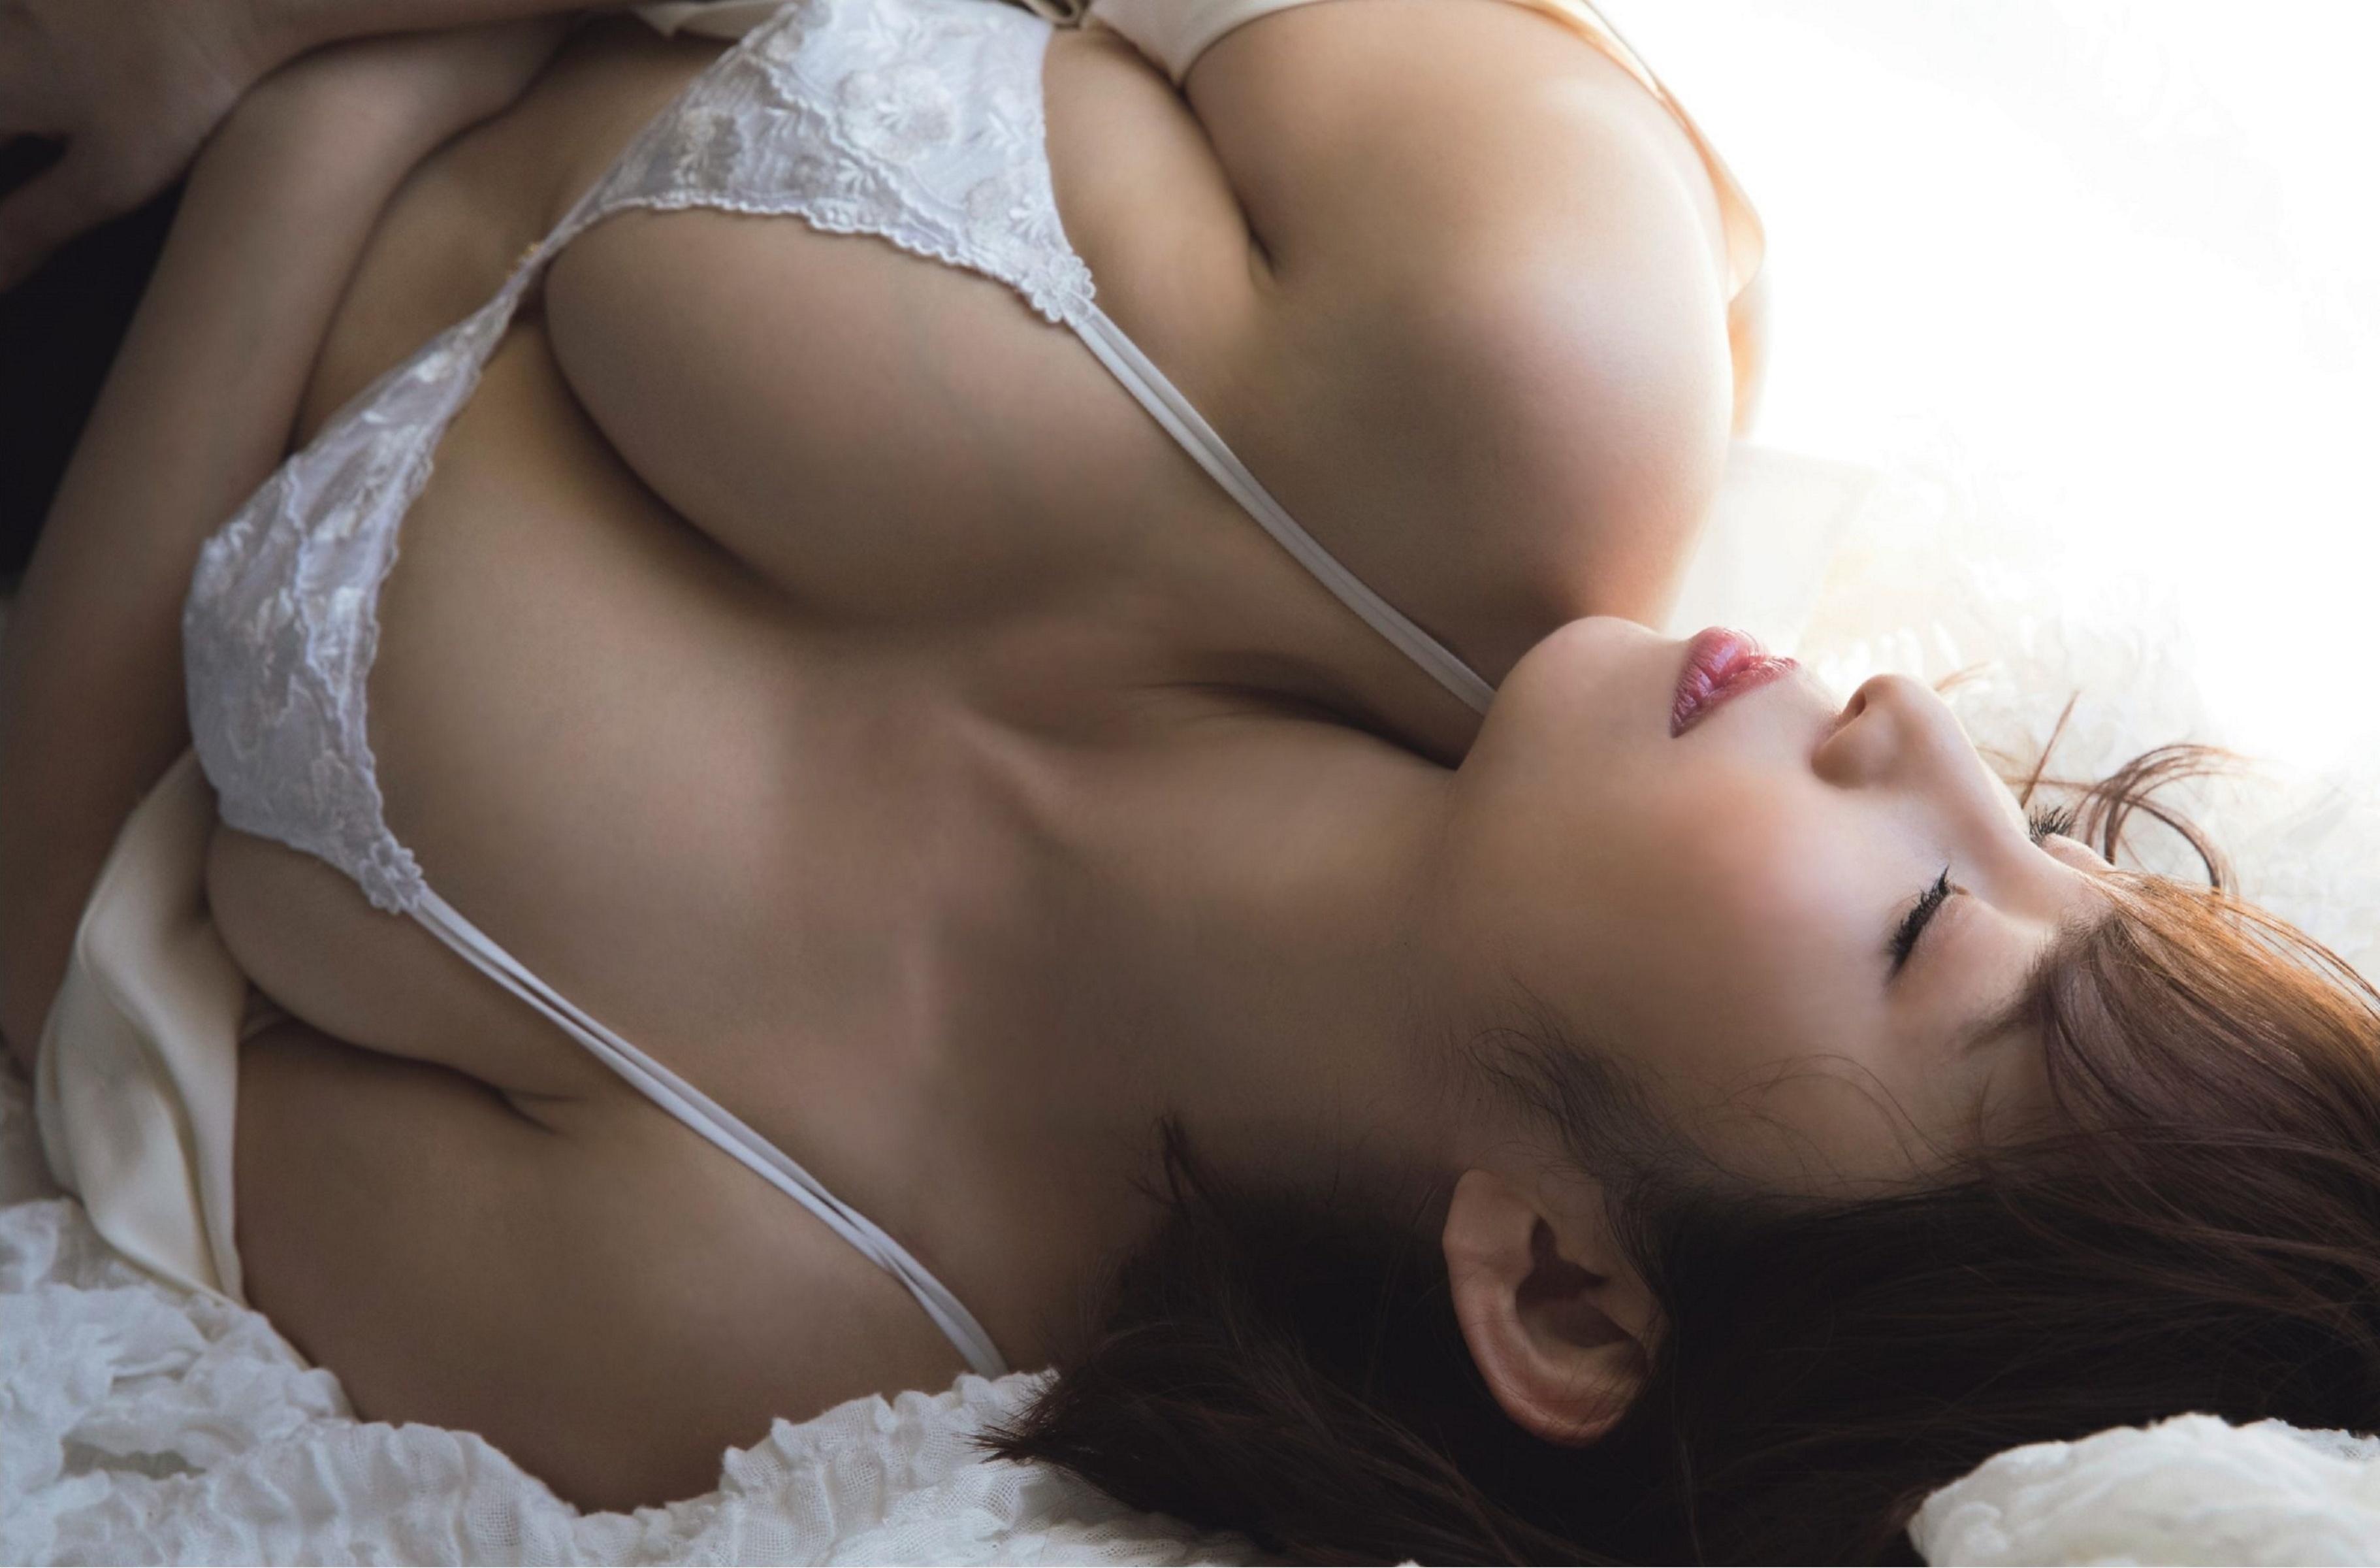 武田玲奈 Niki 藤木由贵